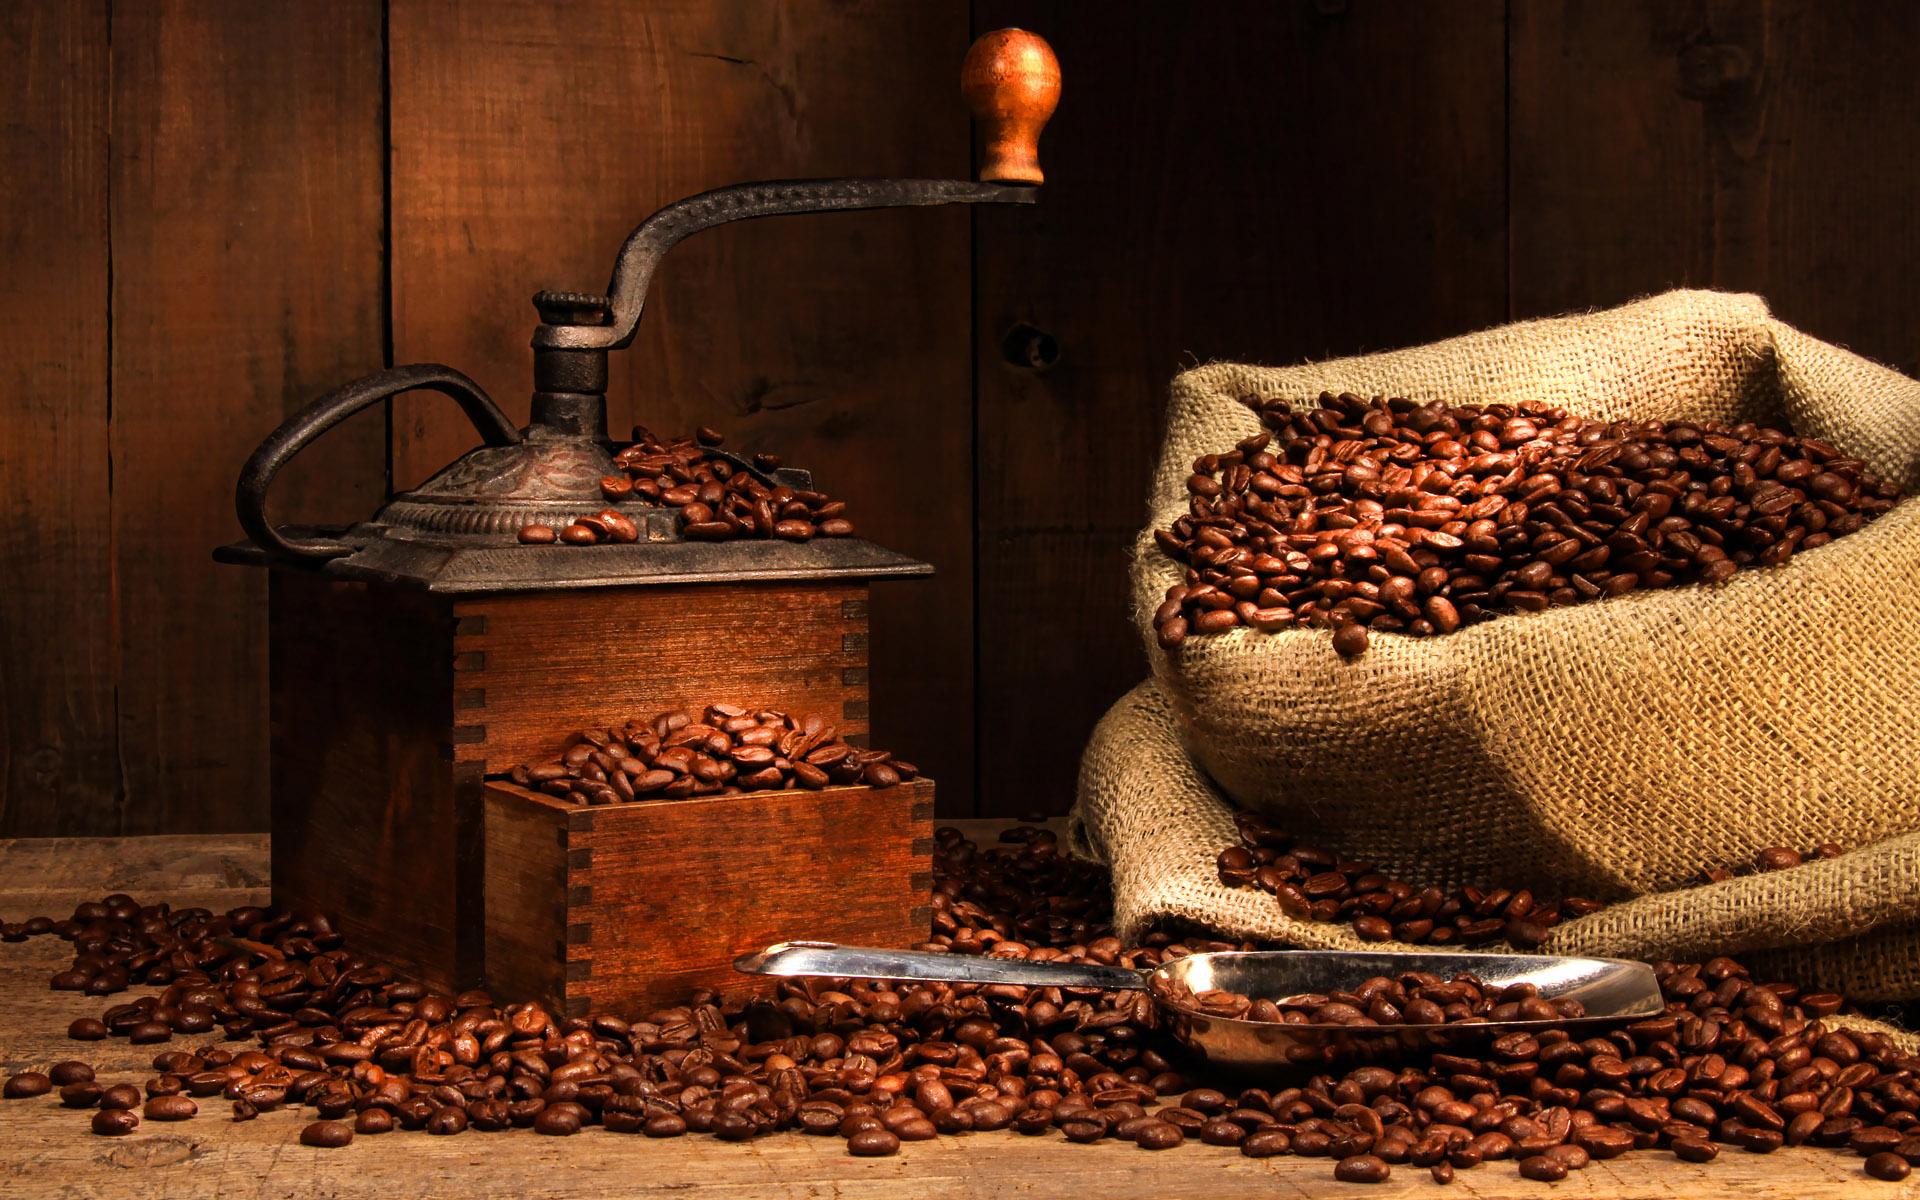 Nên mua cà phê tại các đại lý uy tín, chất lượng